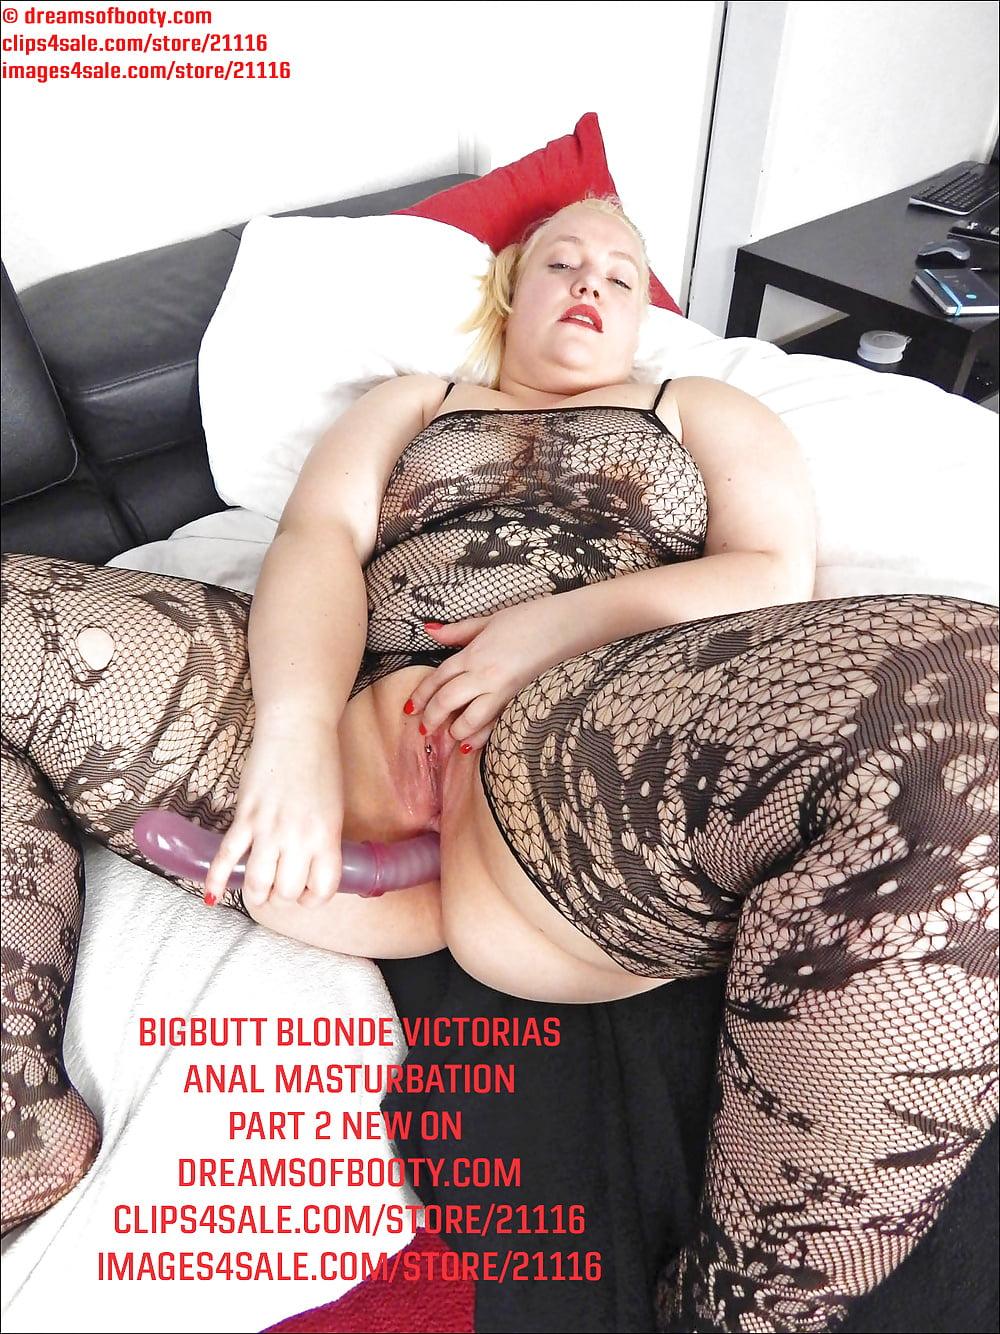 Sexy Hot Women Anal Sex